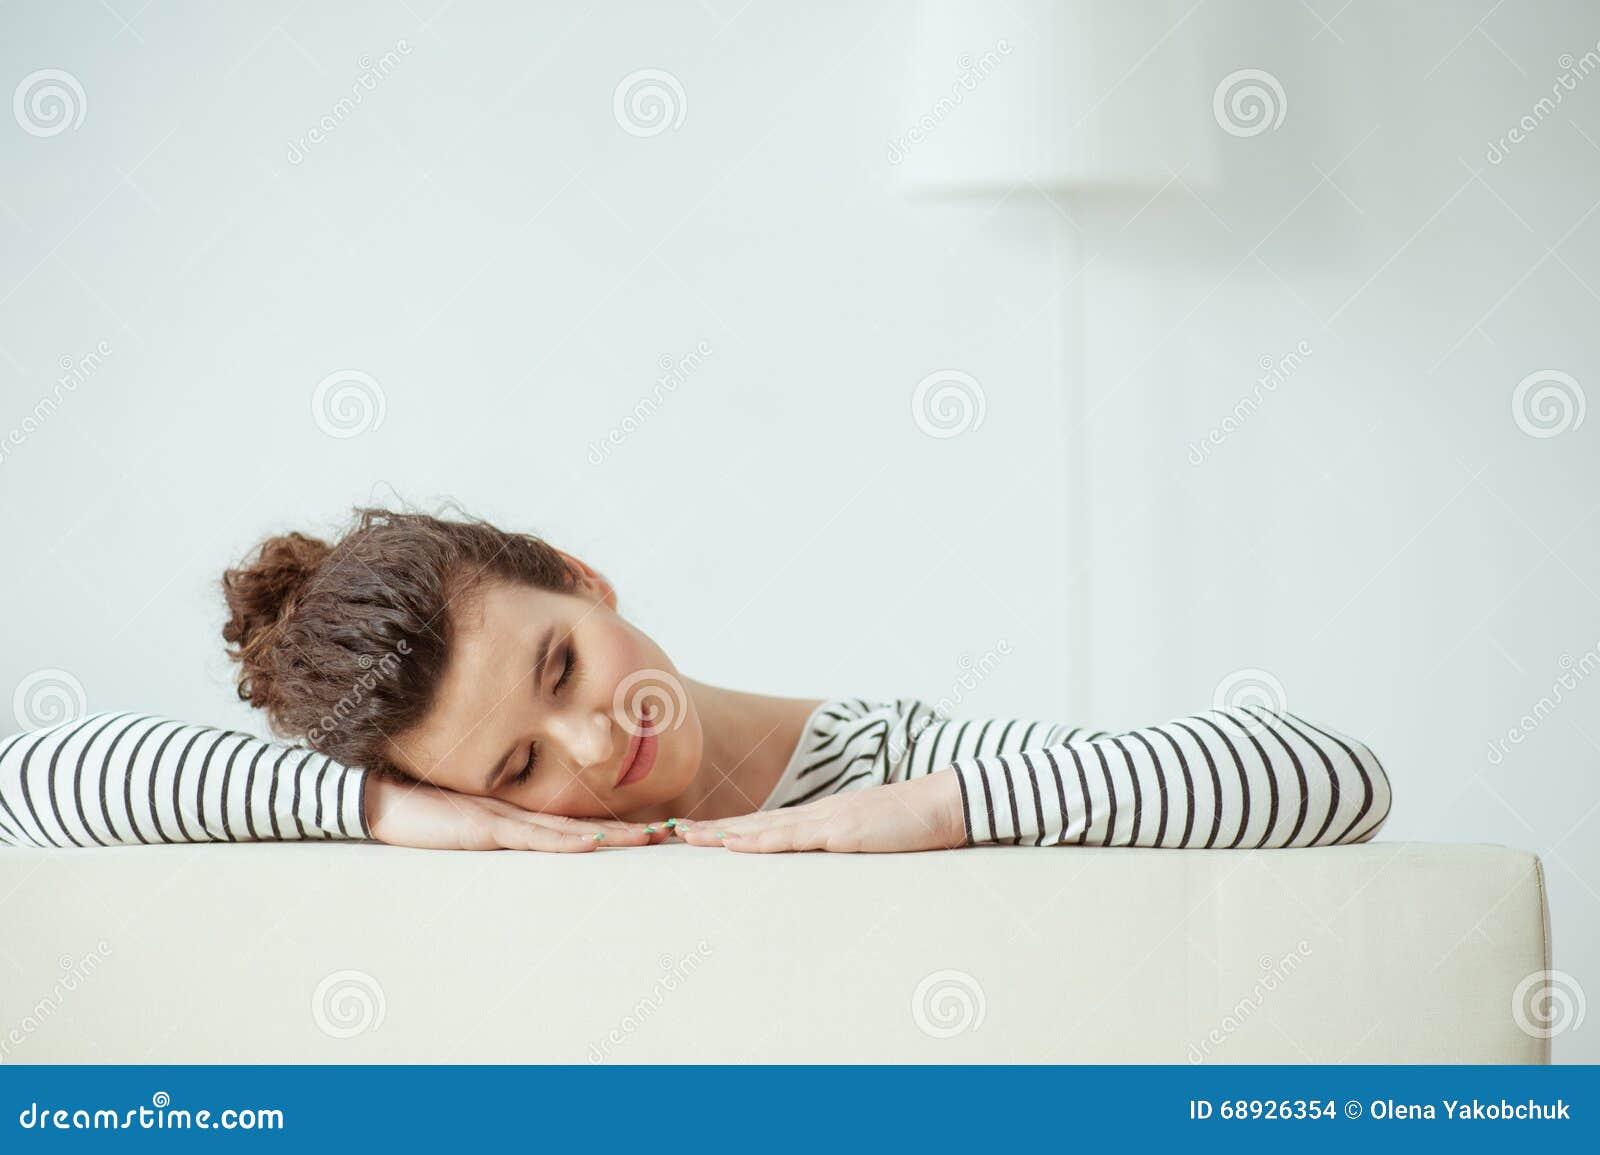 Жизнерадостная девушка отдыхает в ее квартире